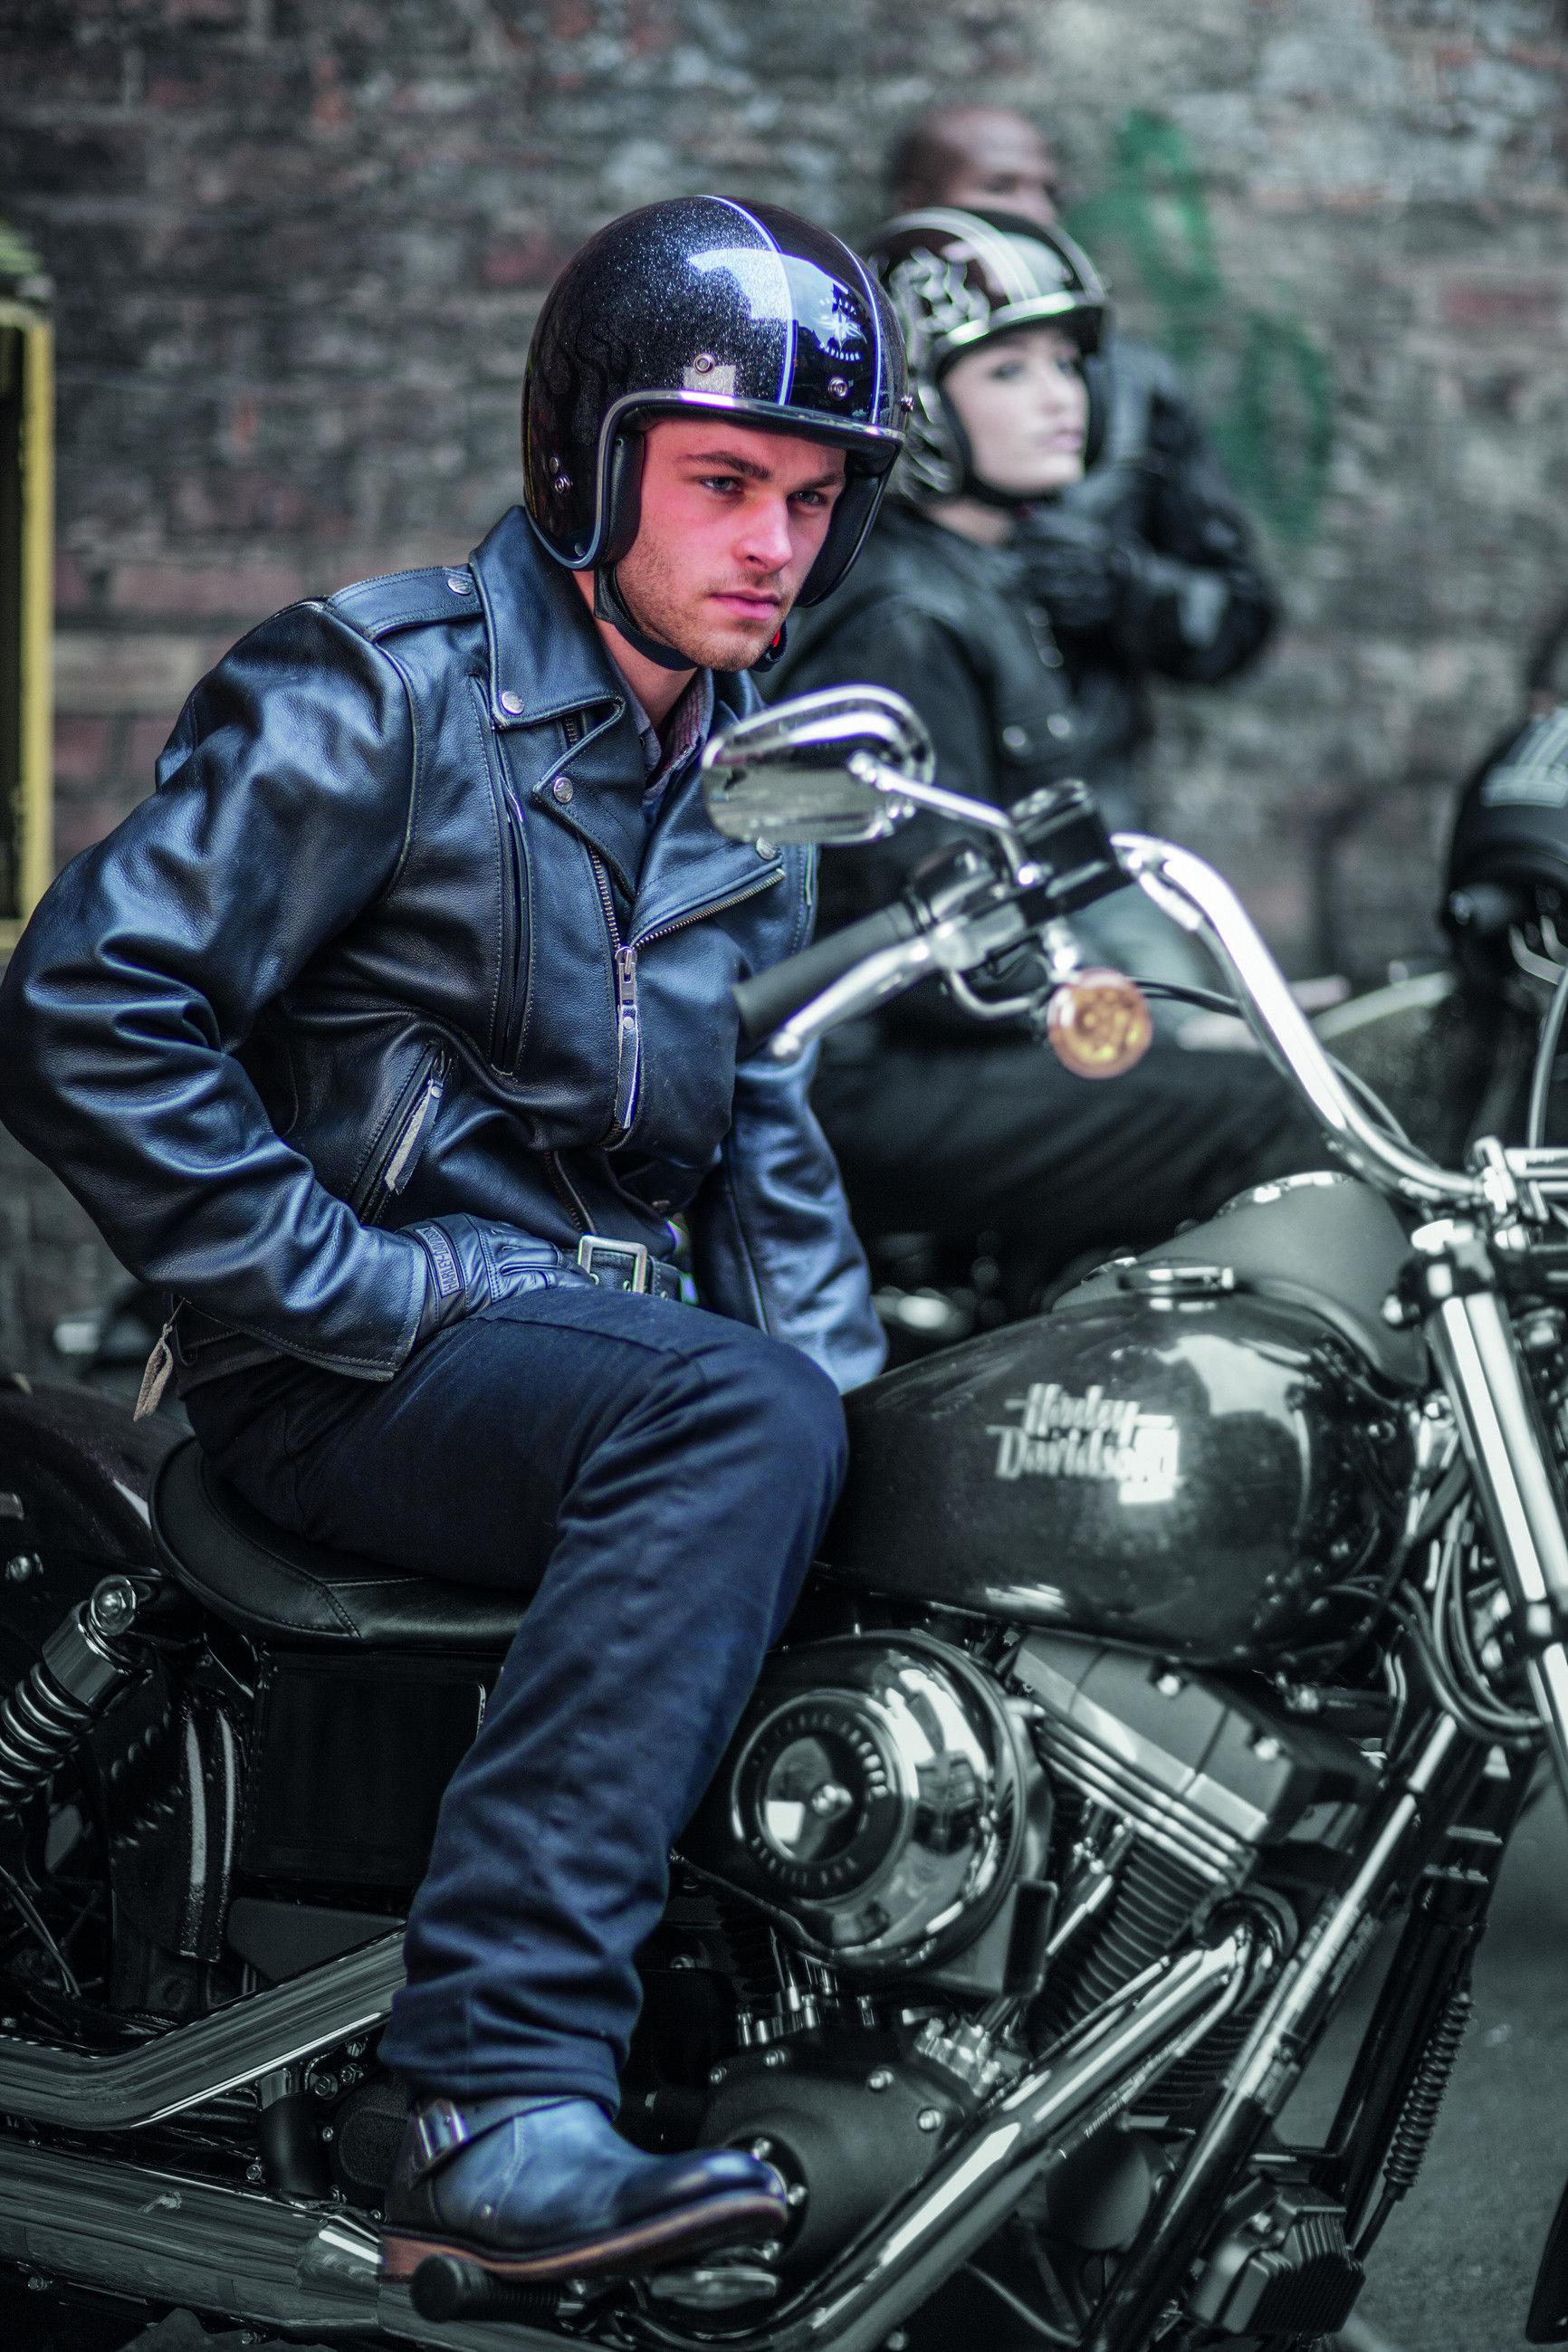 Riding Denim Harley Davidson Motorclothes Man Riding Denim Motorcycle Leather Harley Davidson Merchandise